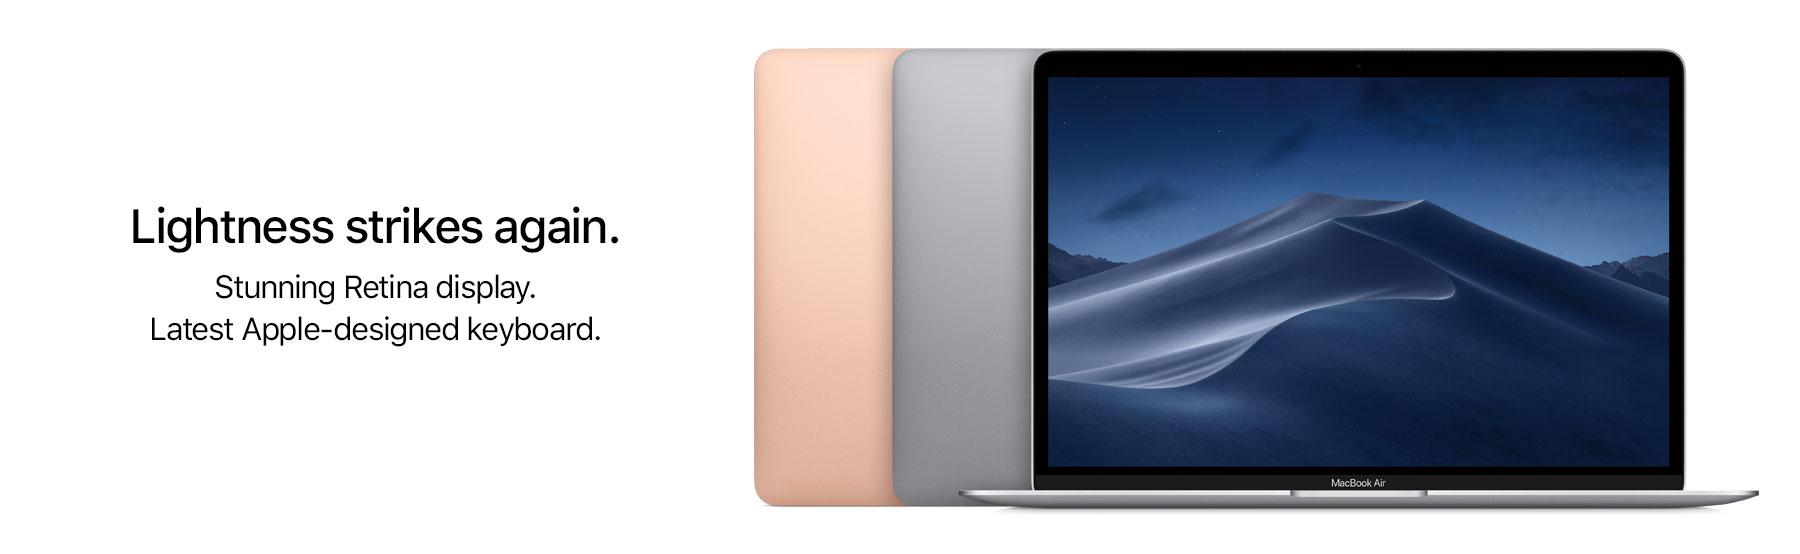 Macbook Air - Buy Macbook Air 2018 Online at Best Prices in India